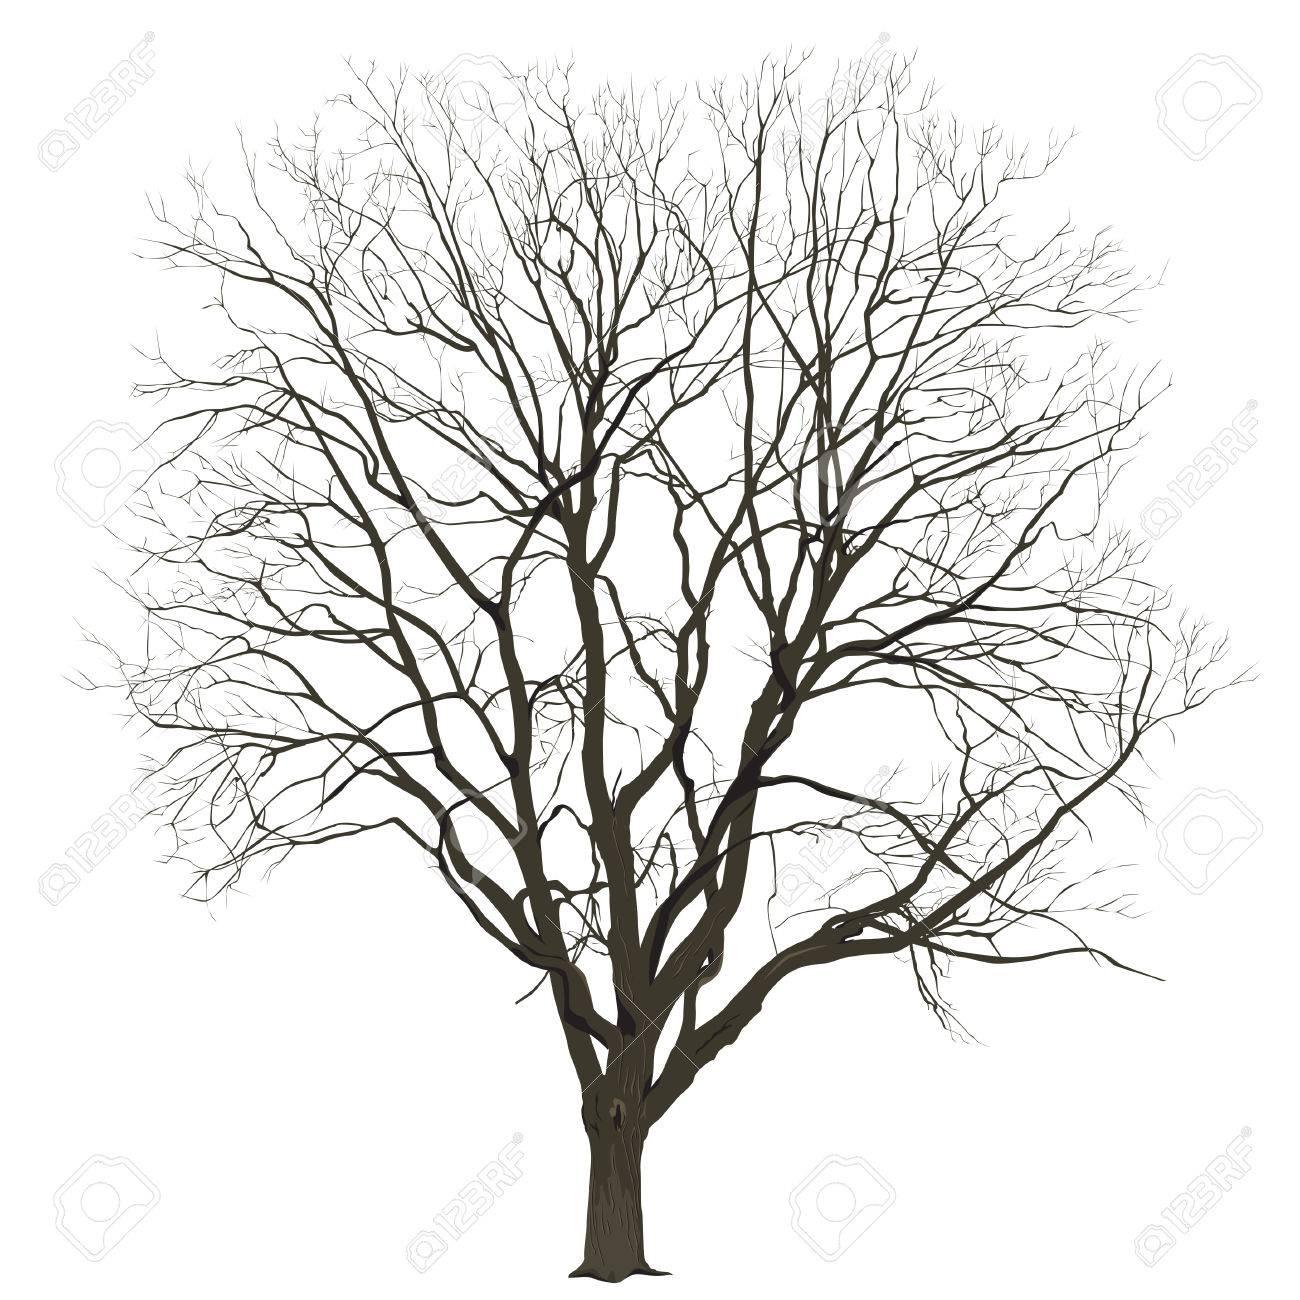 Ziemlich Kahler Baum Umriss Färbung Seite Ideen - Entry Level Resume ...